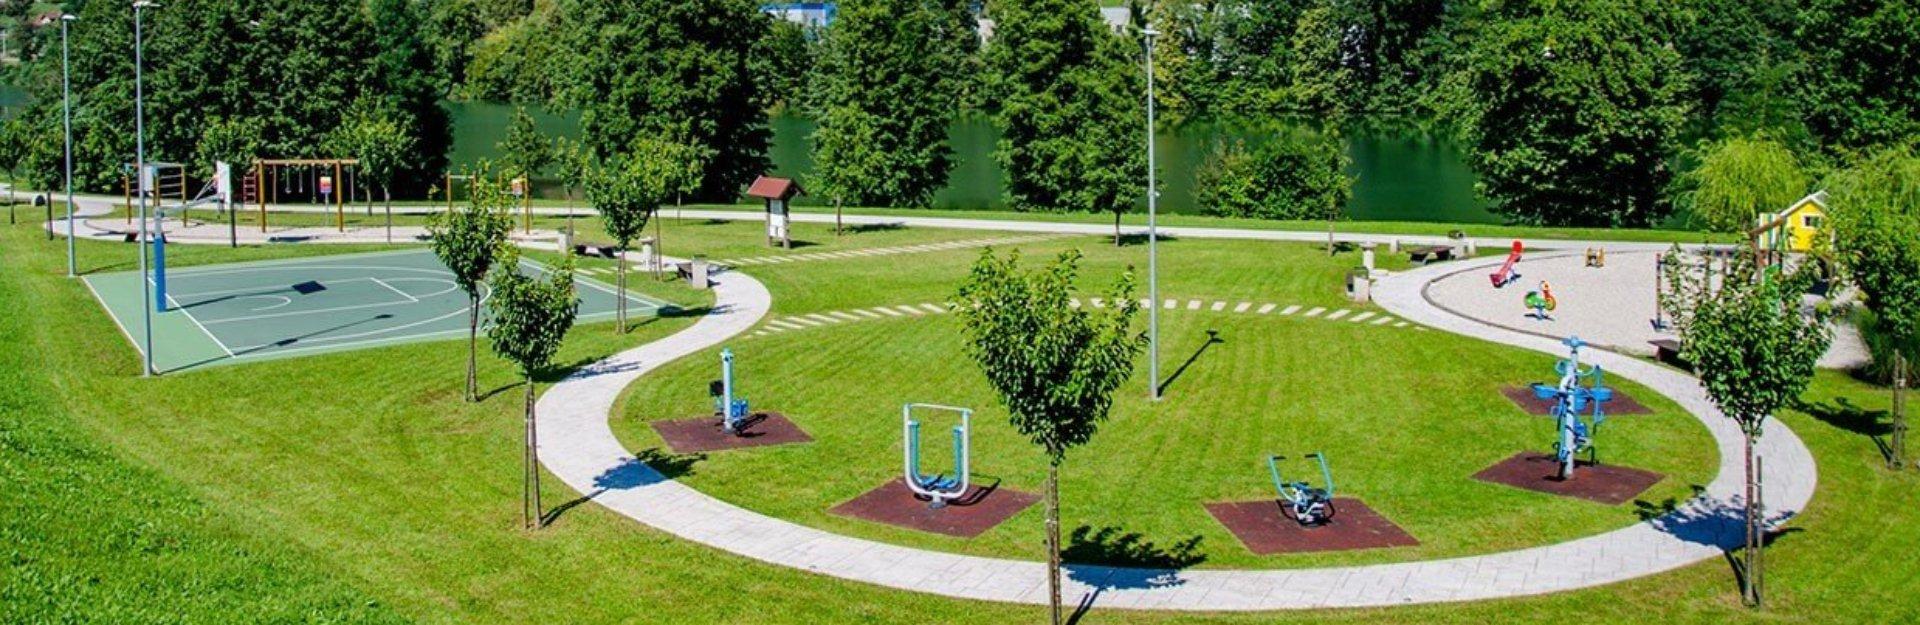 Rekreacijski park Radeče